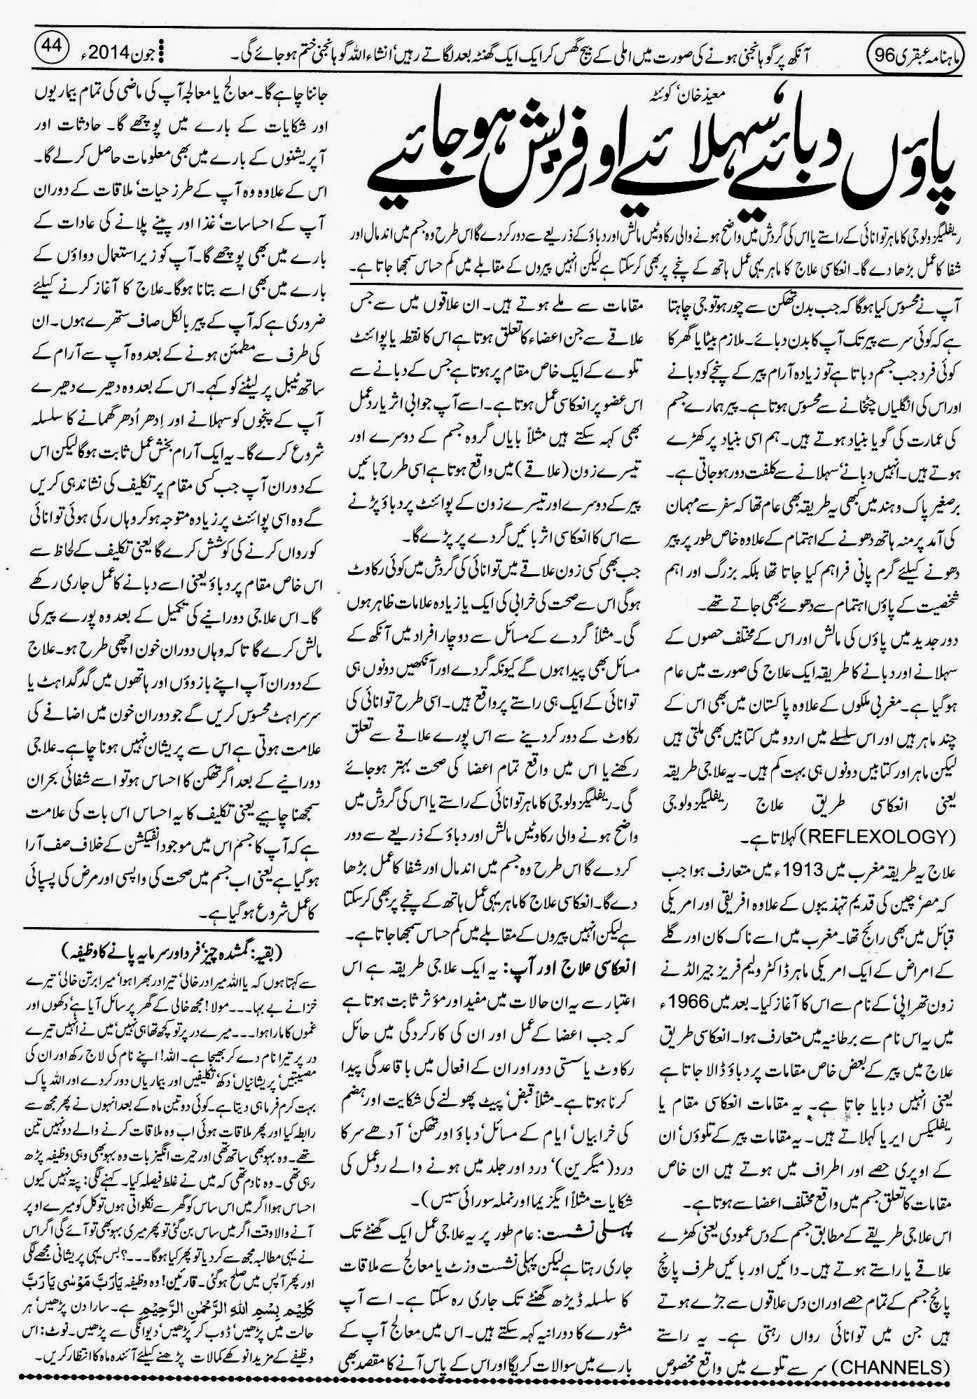 ubqari june 2014 page 44